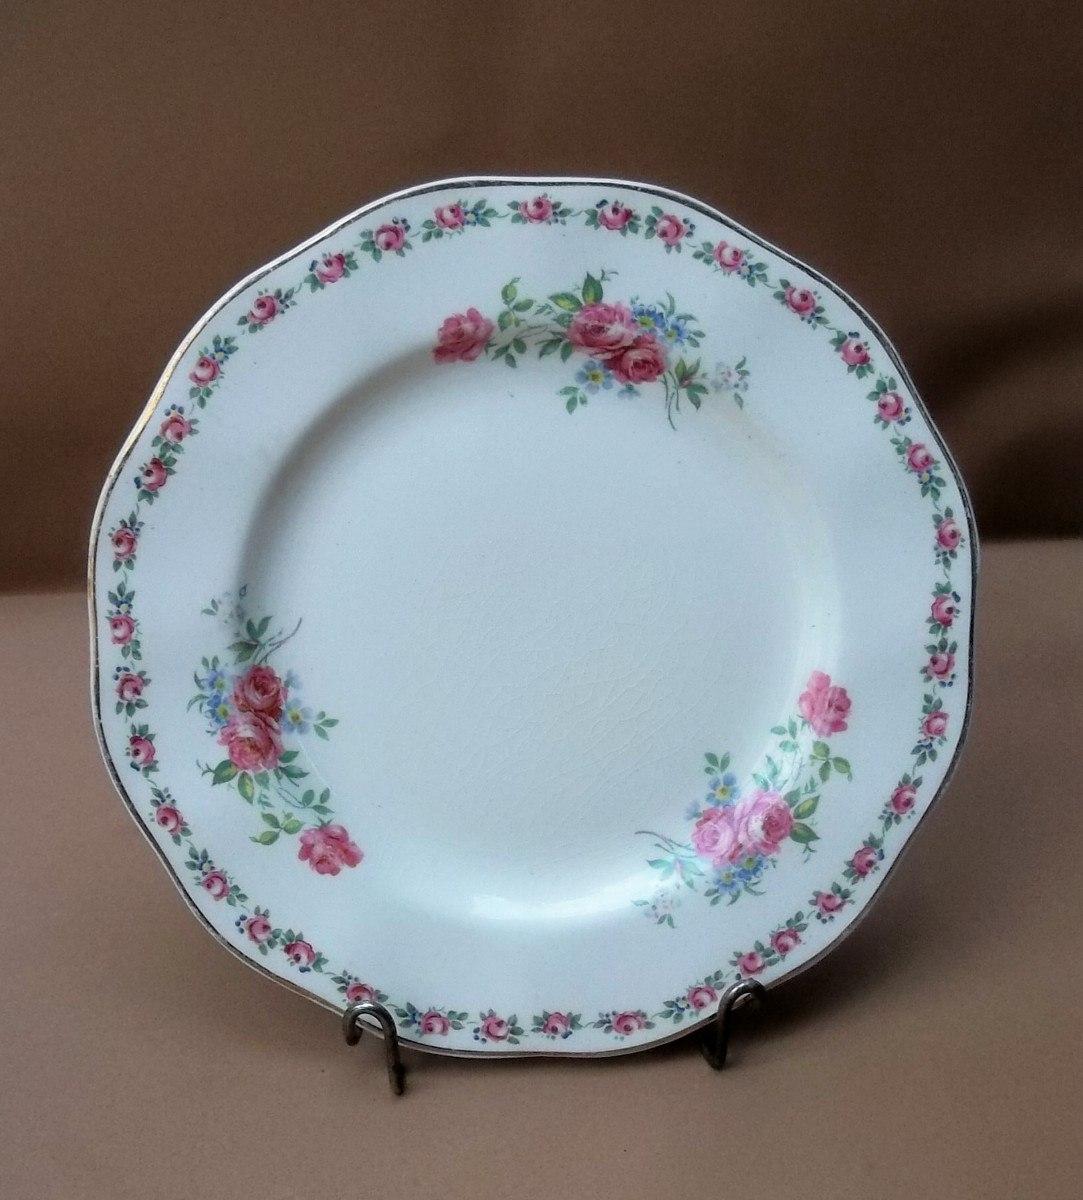 plato loza inglesa wedwood antiguo dise o de rositas